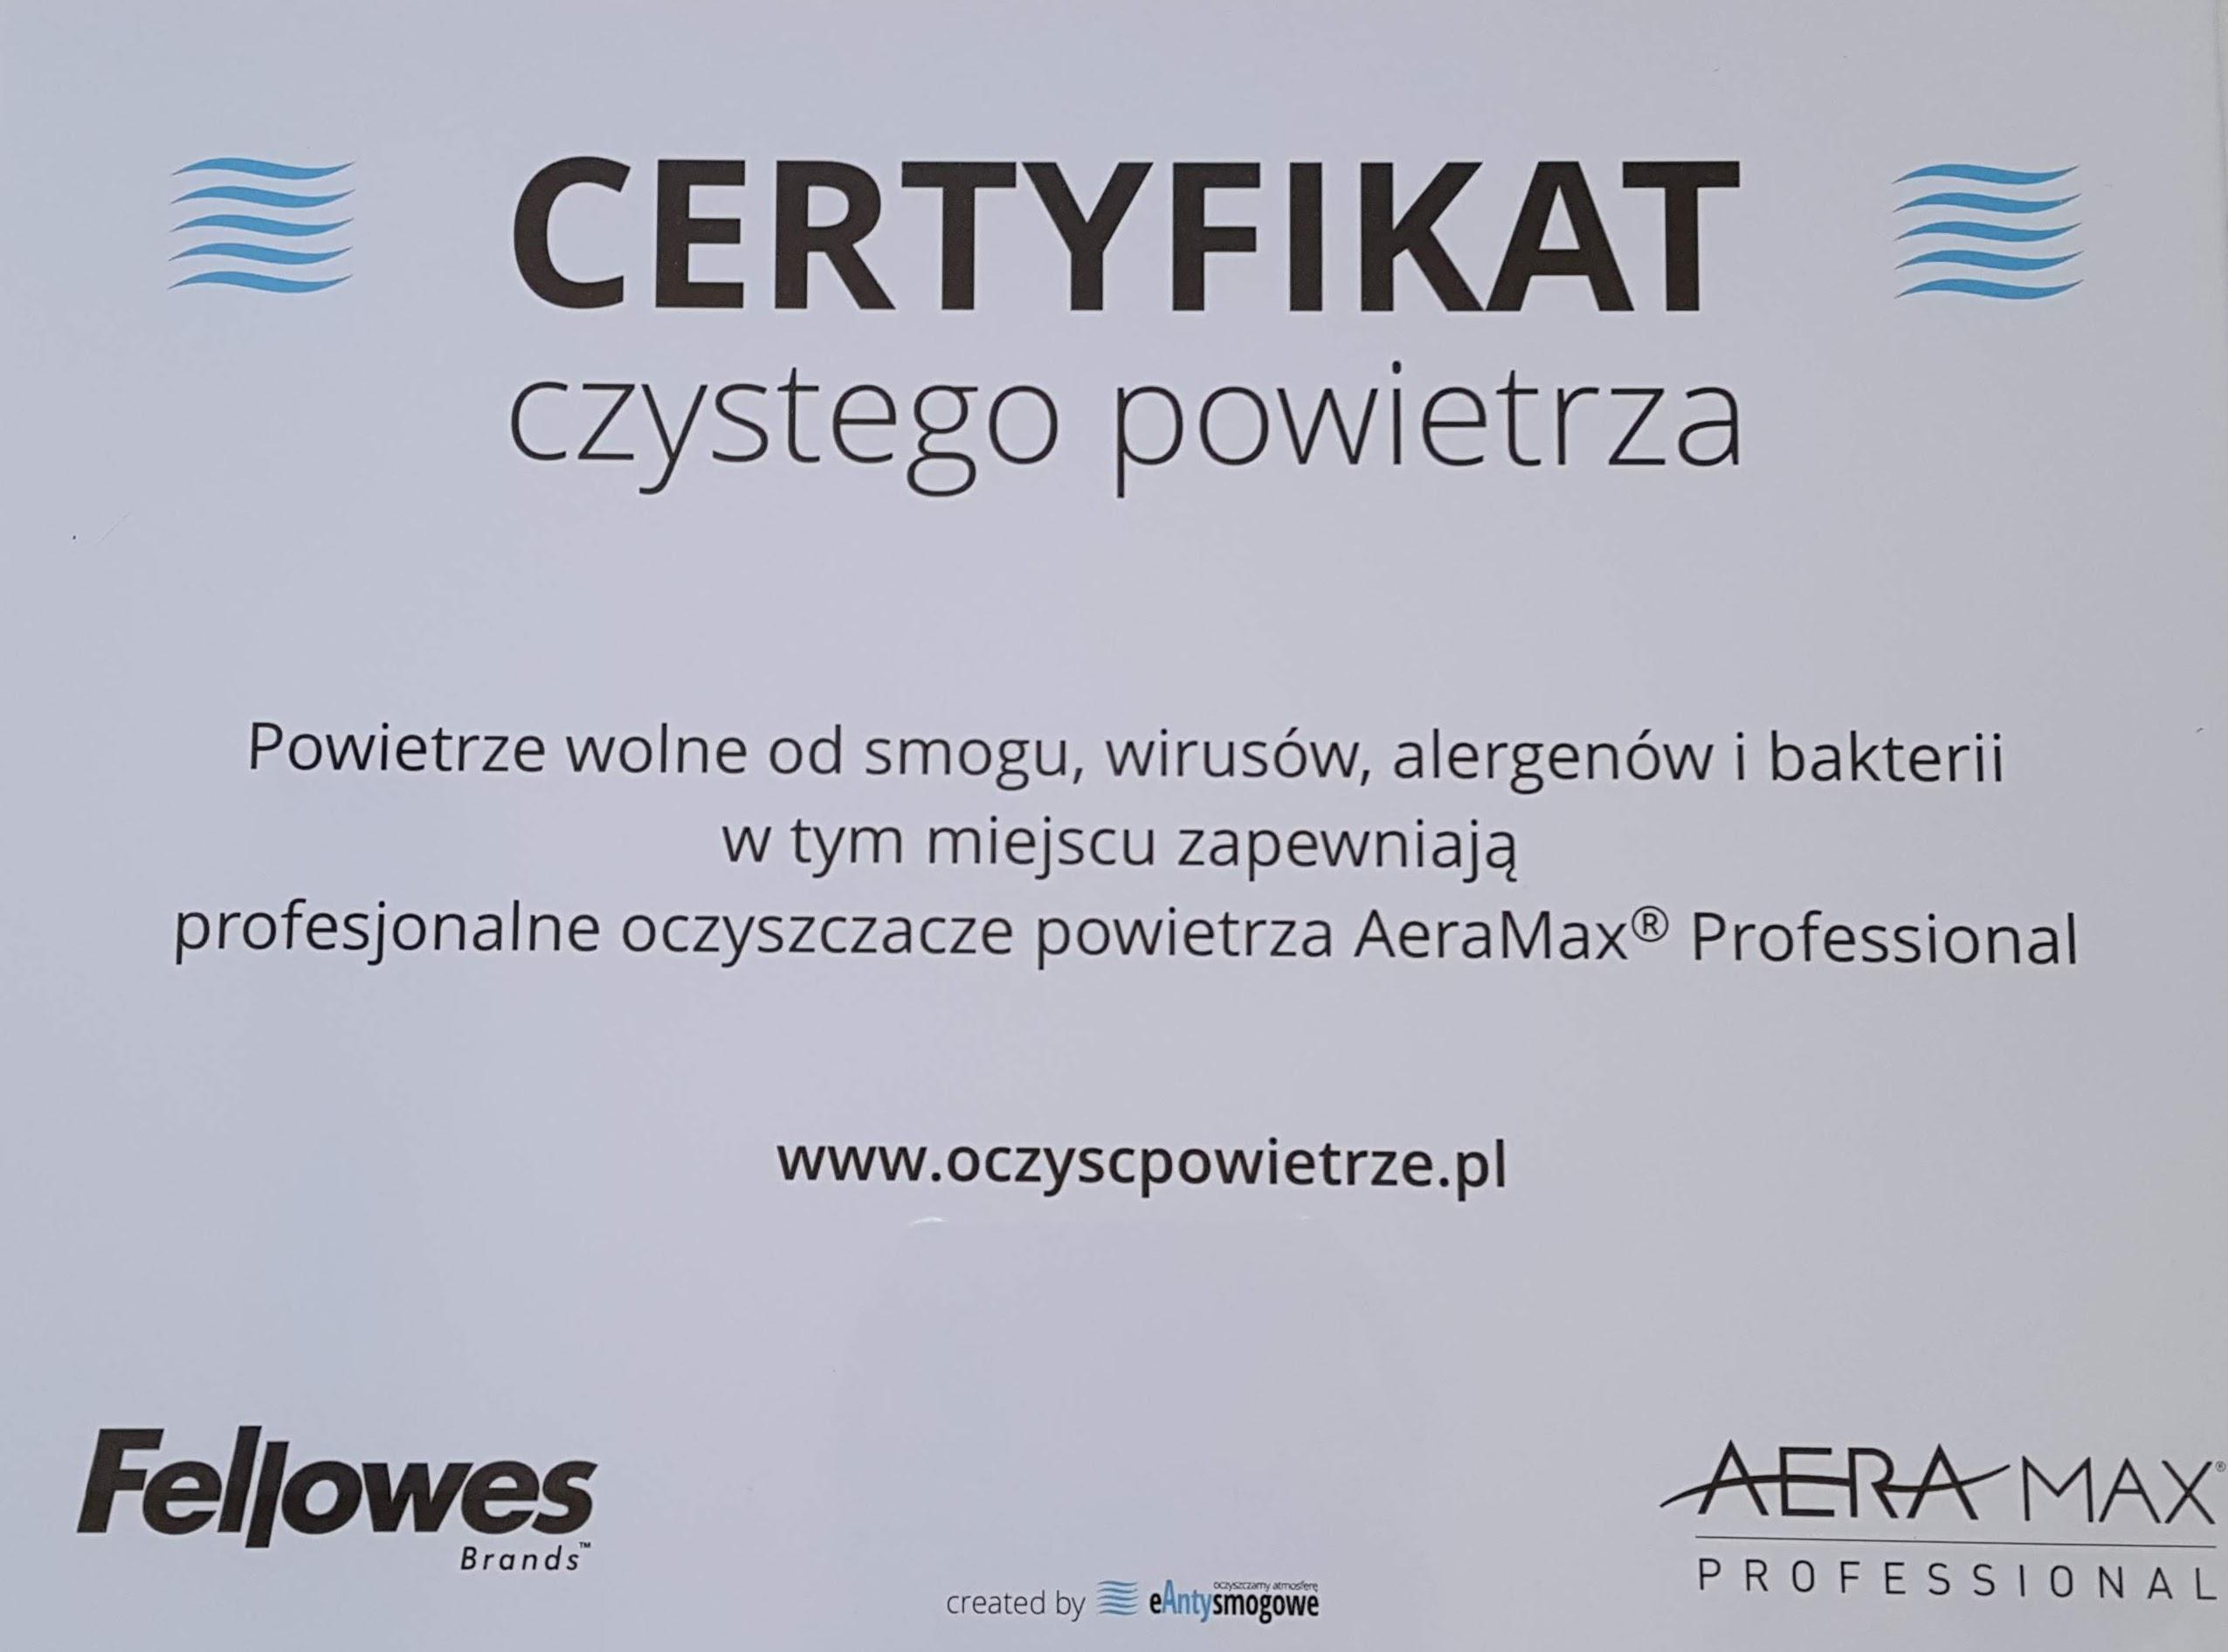 Certyfikat czystego powietrza